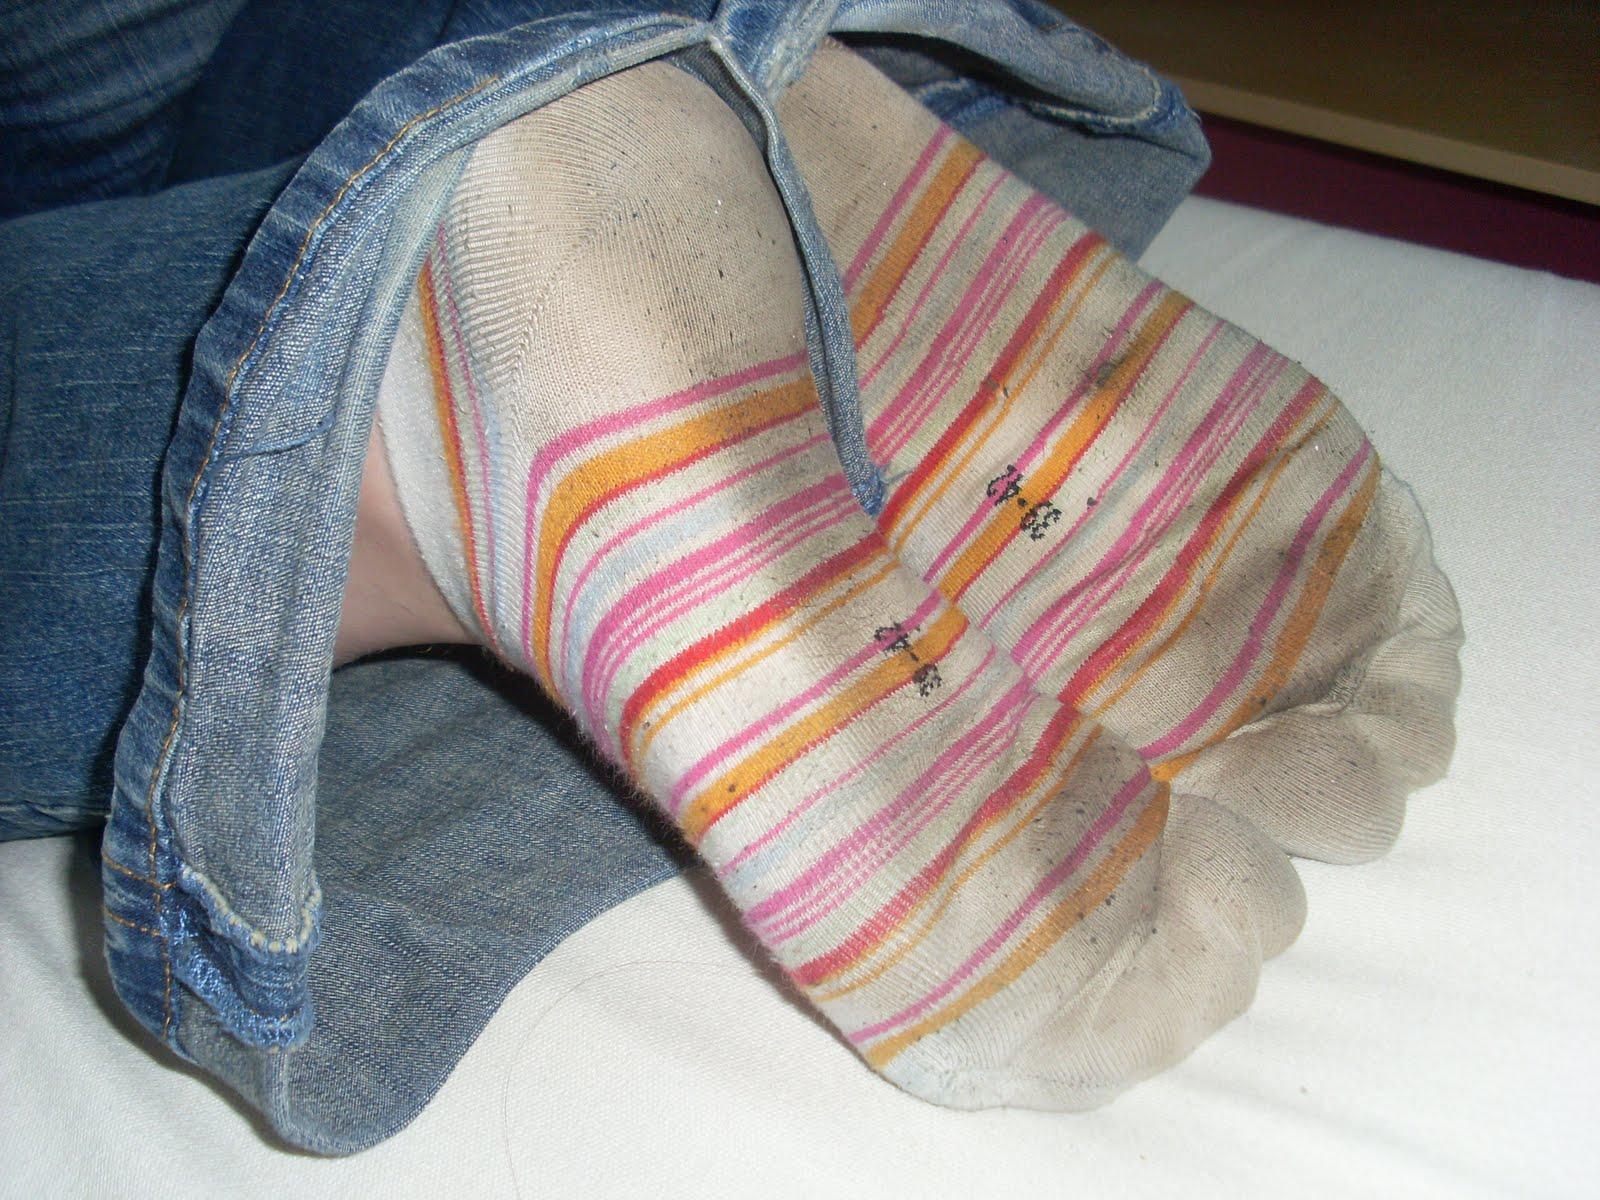 Female sock fetish